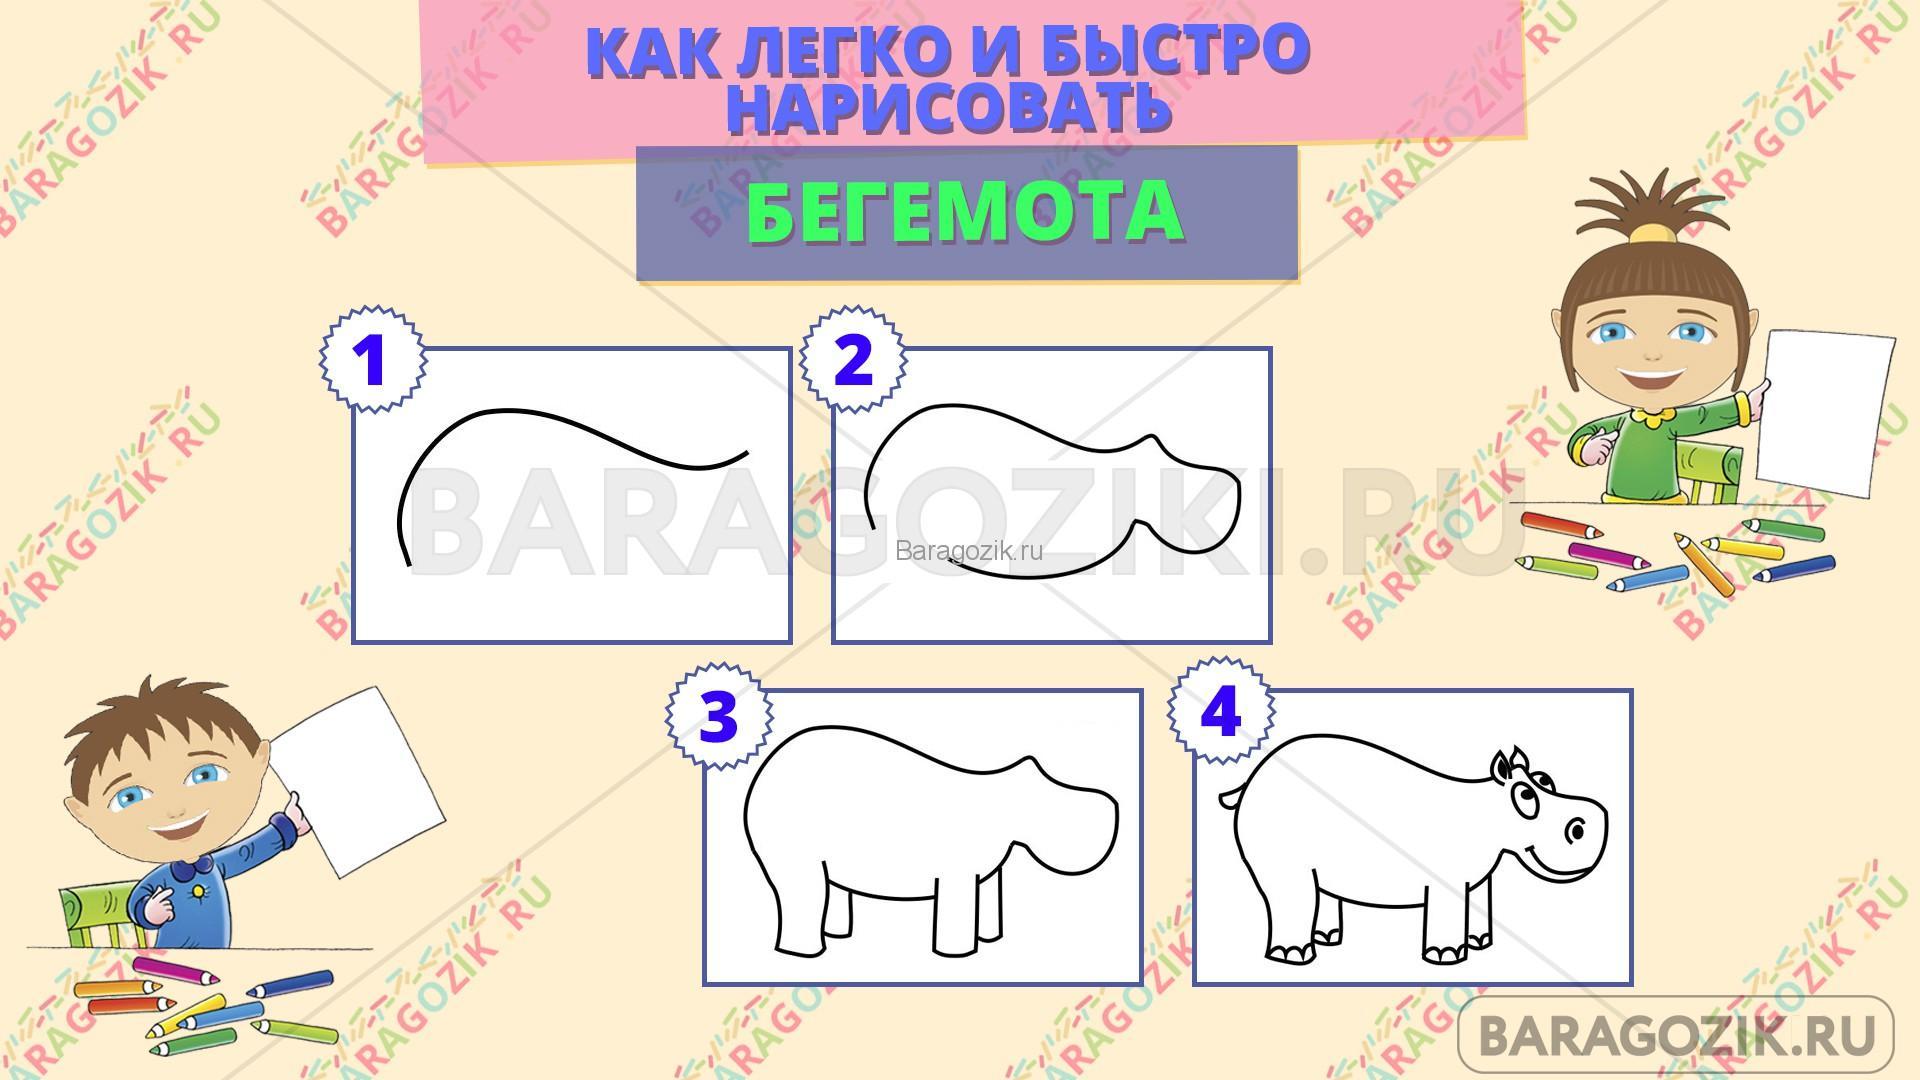 как легко нарисовать бегемота - пошаговая схема